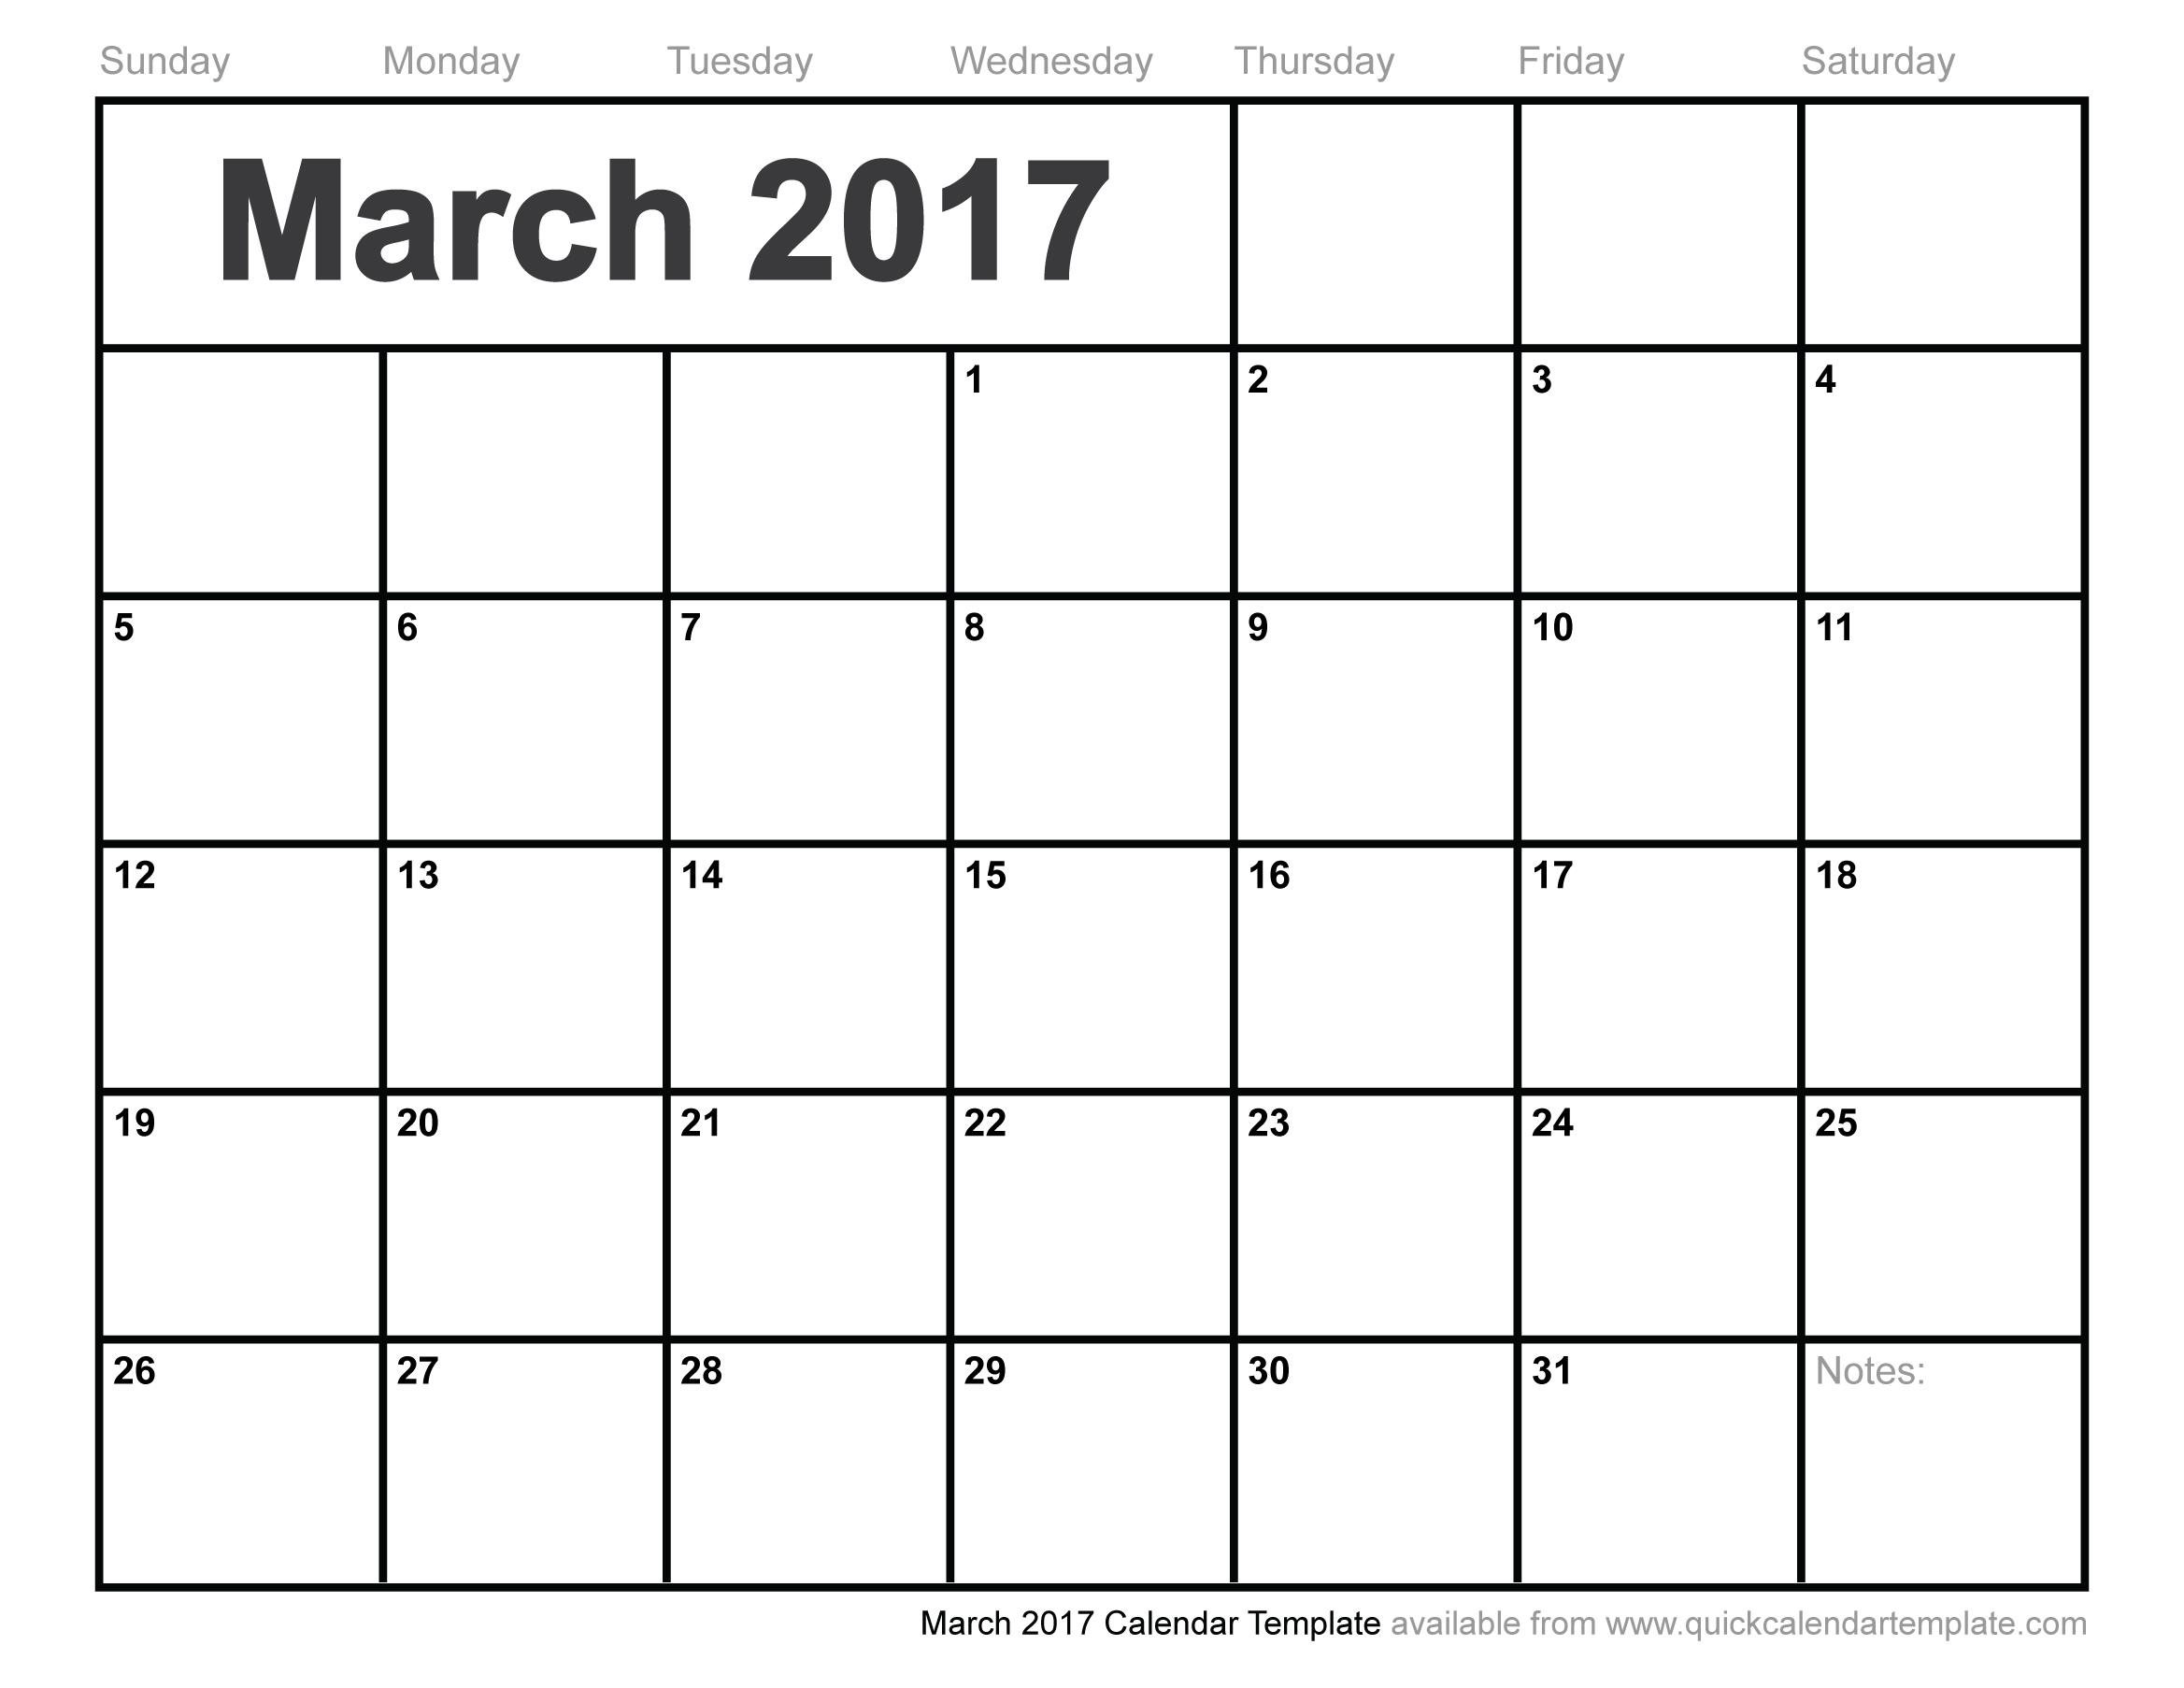 March 2017 Calendar Template